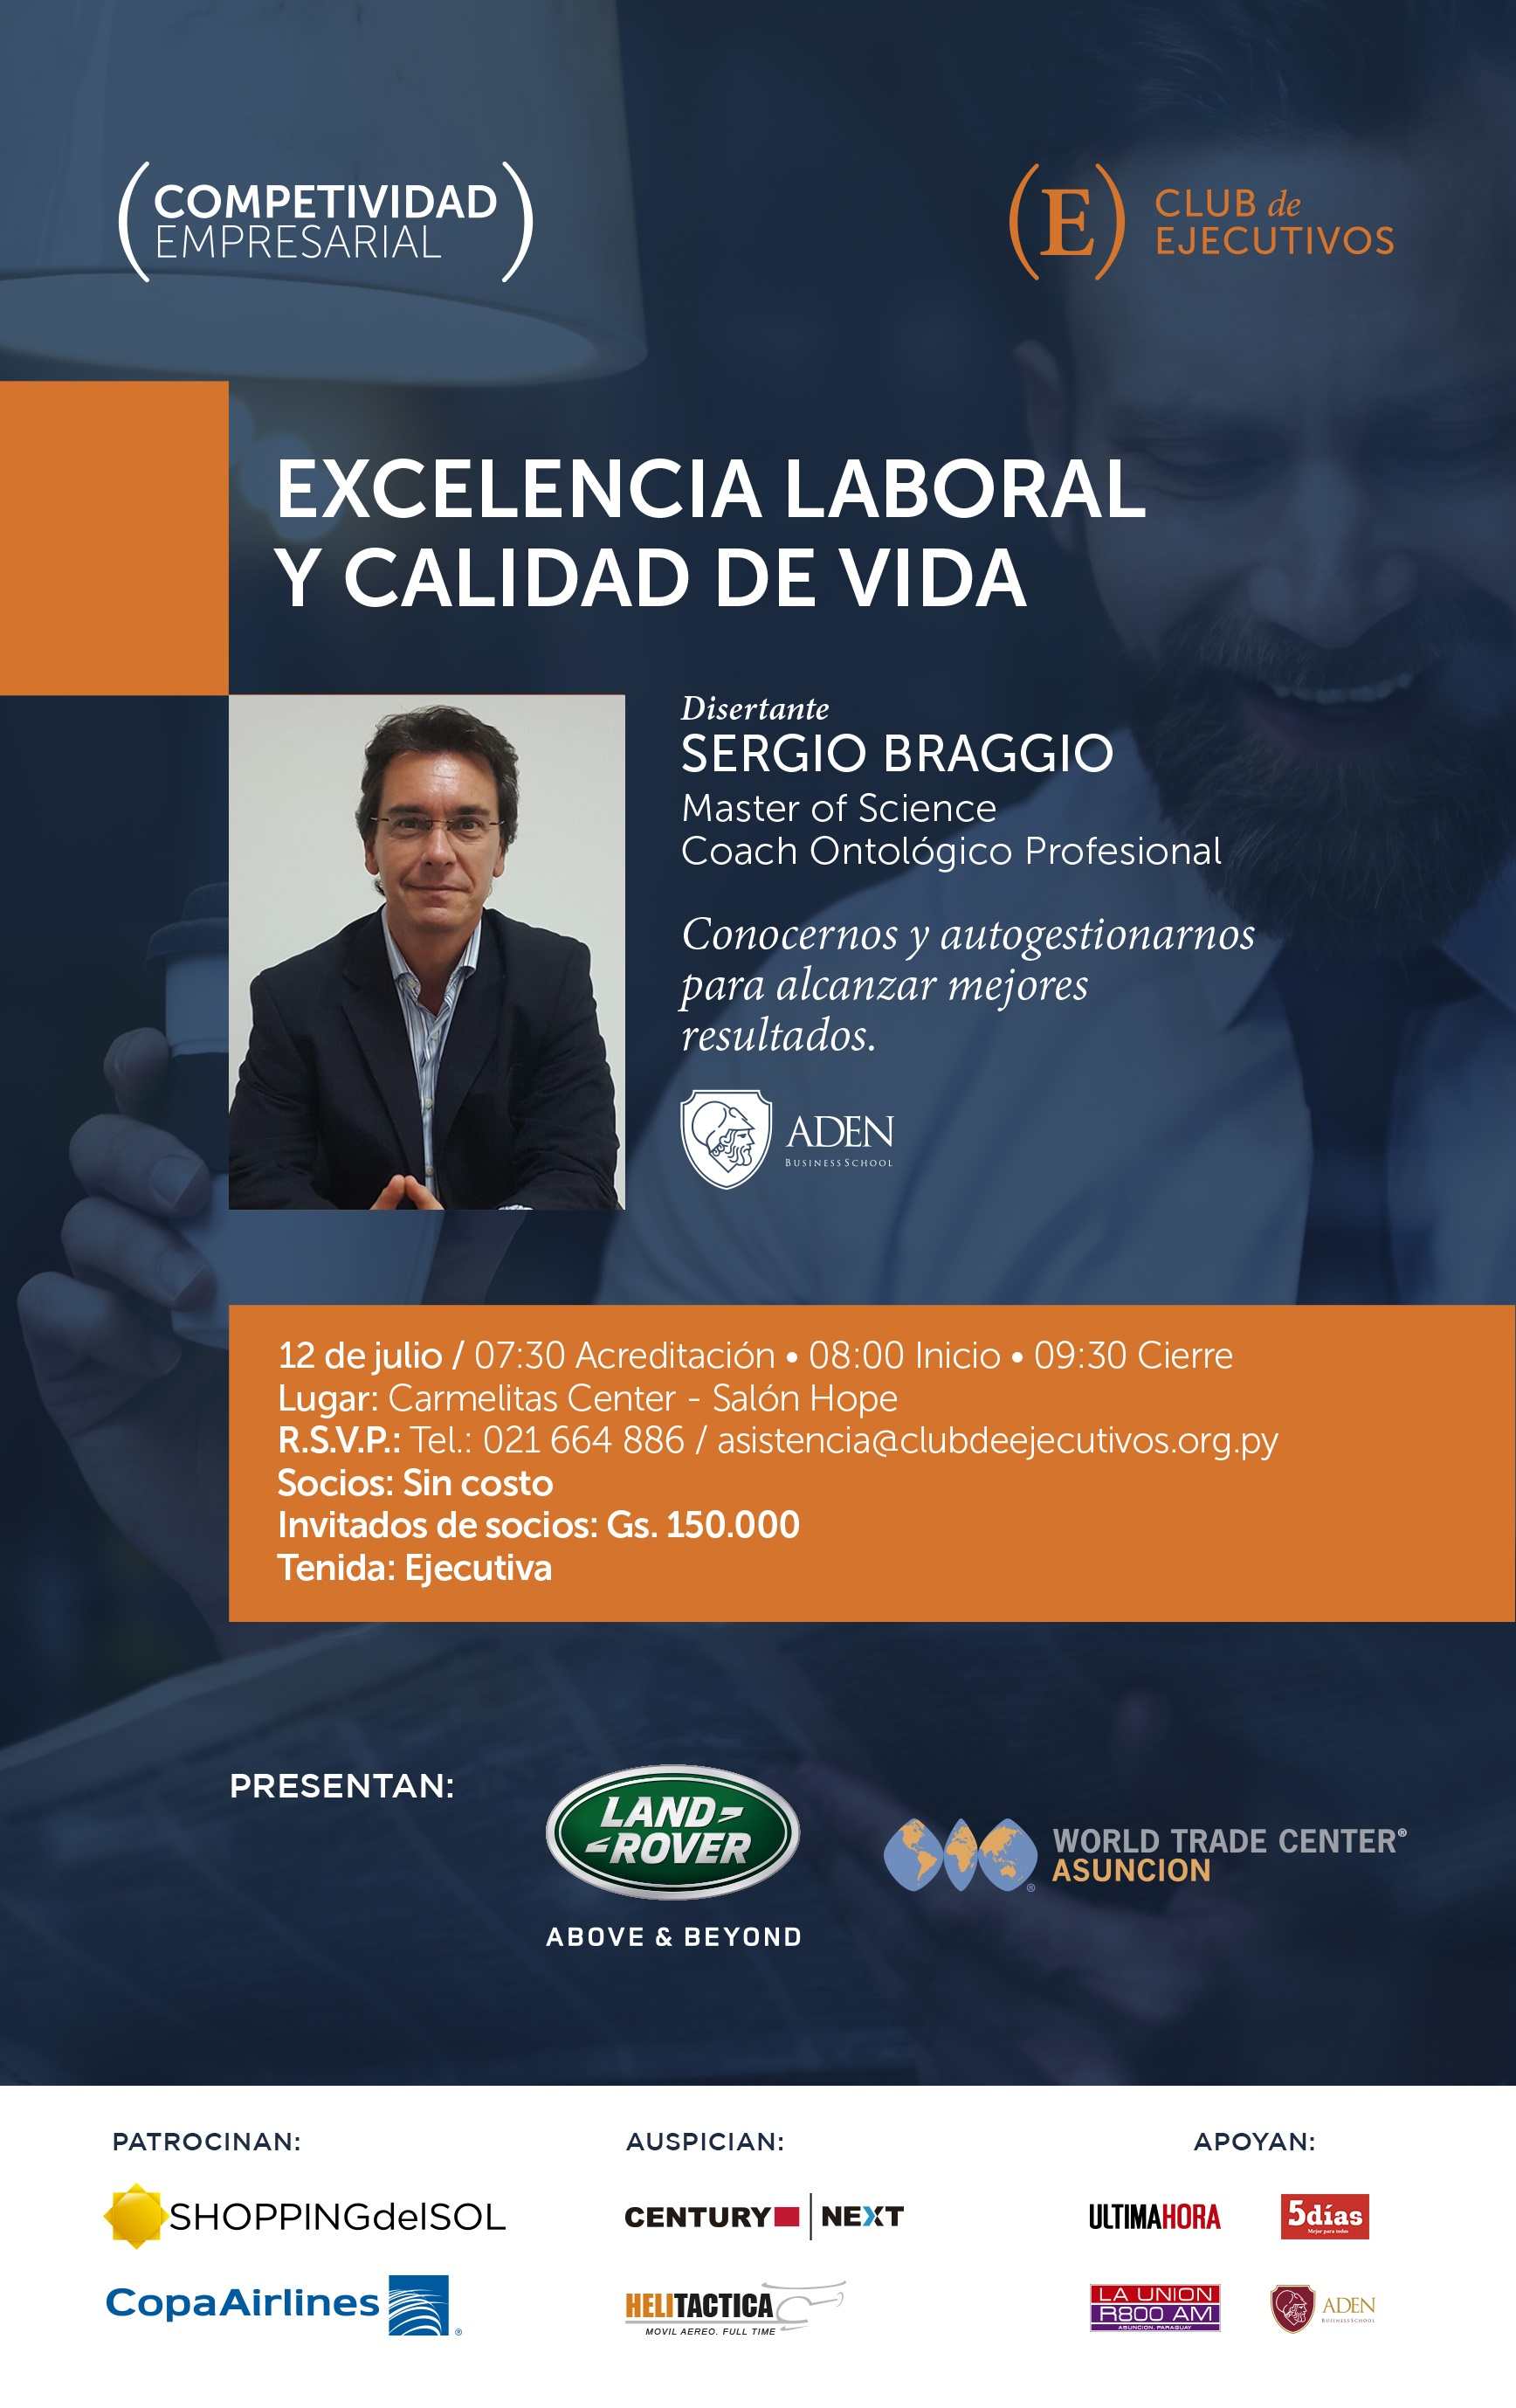 """Club de ejecutivos invita a conferencia de """"Excelencia laboral y calidad de vida"""""""